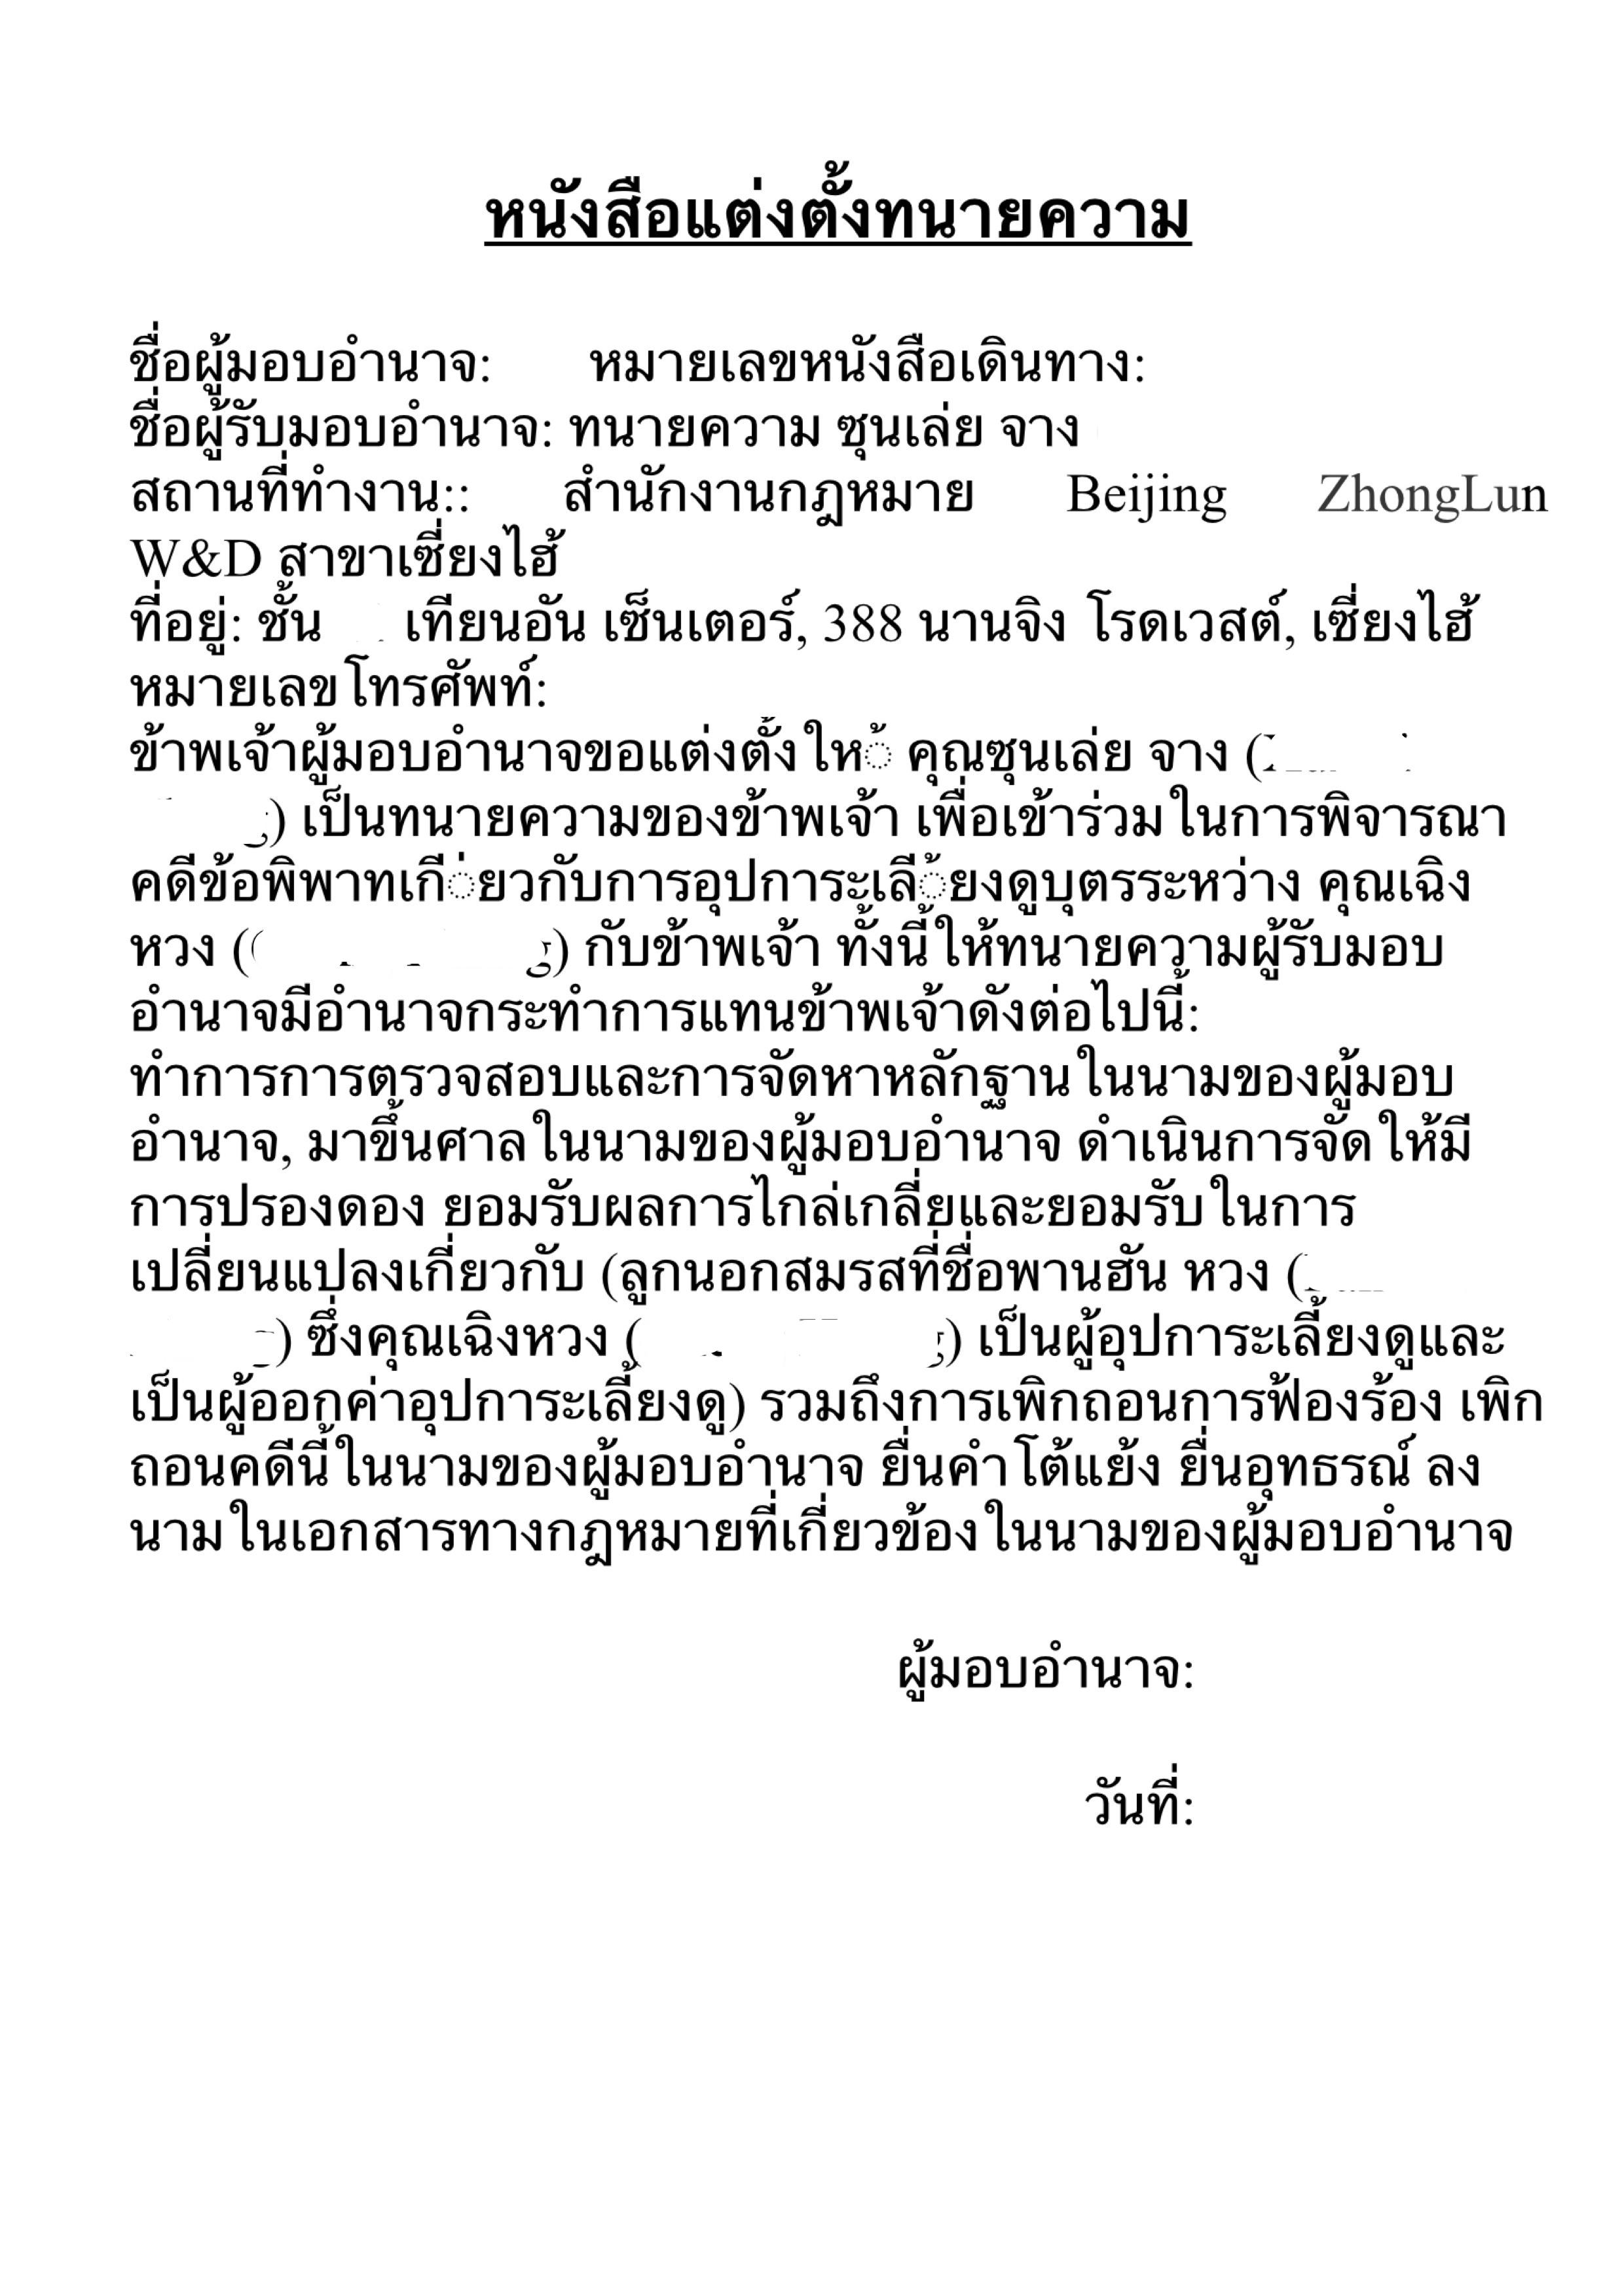 1 - 授权委托书(中译泰)